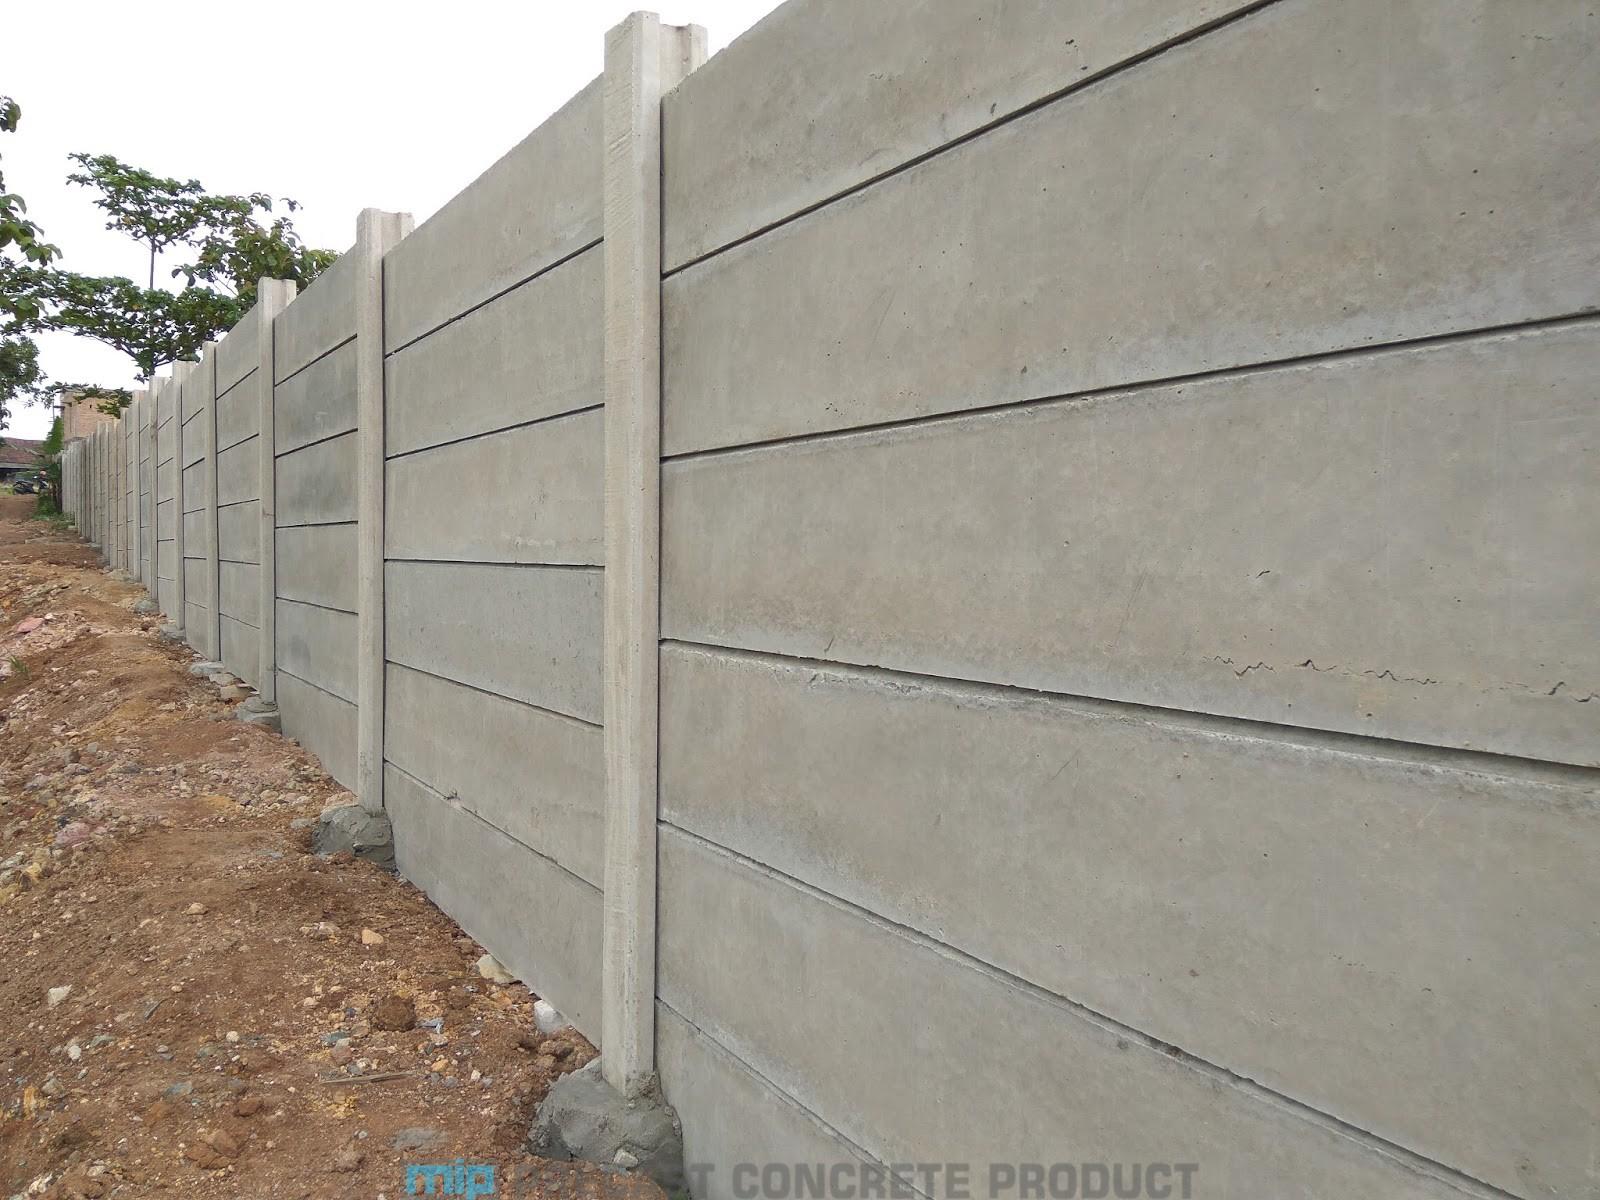 harga pagar panel beton megacon Suruh Ungaran